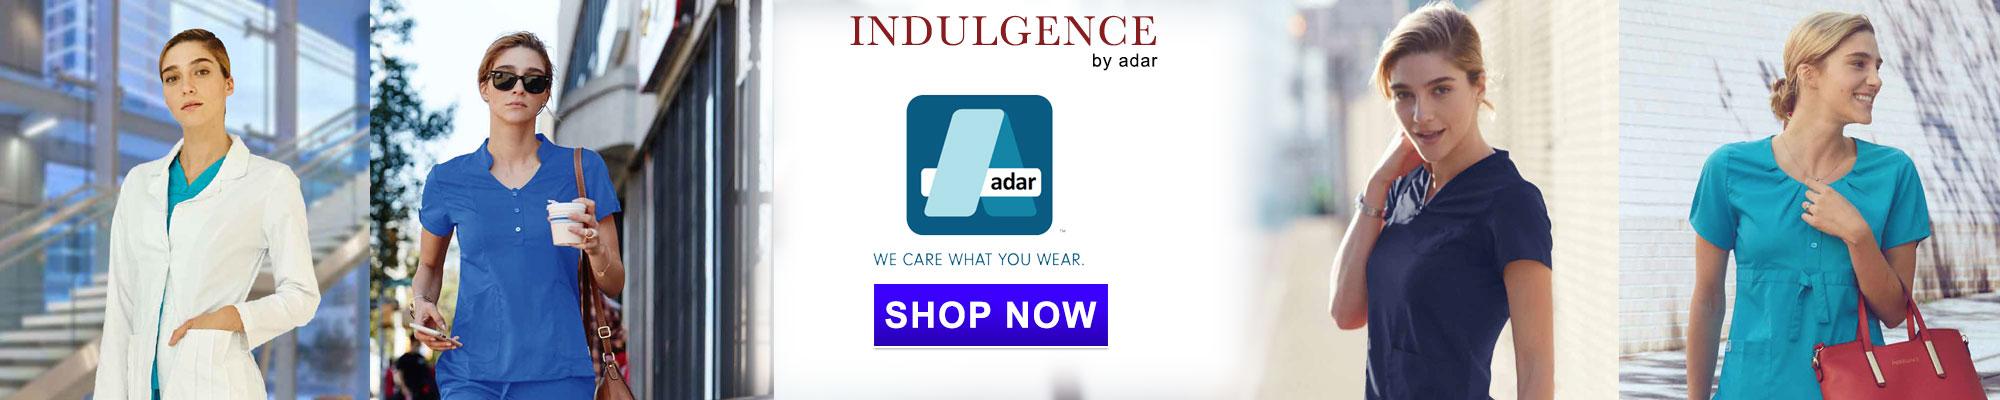 Shop Indulgence Products